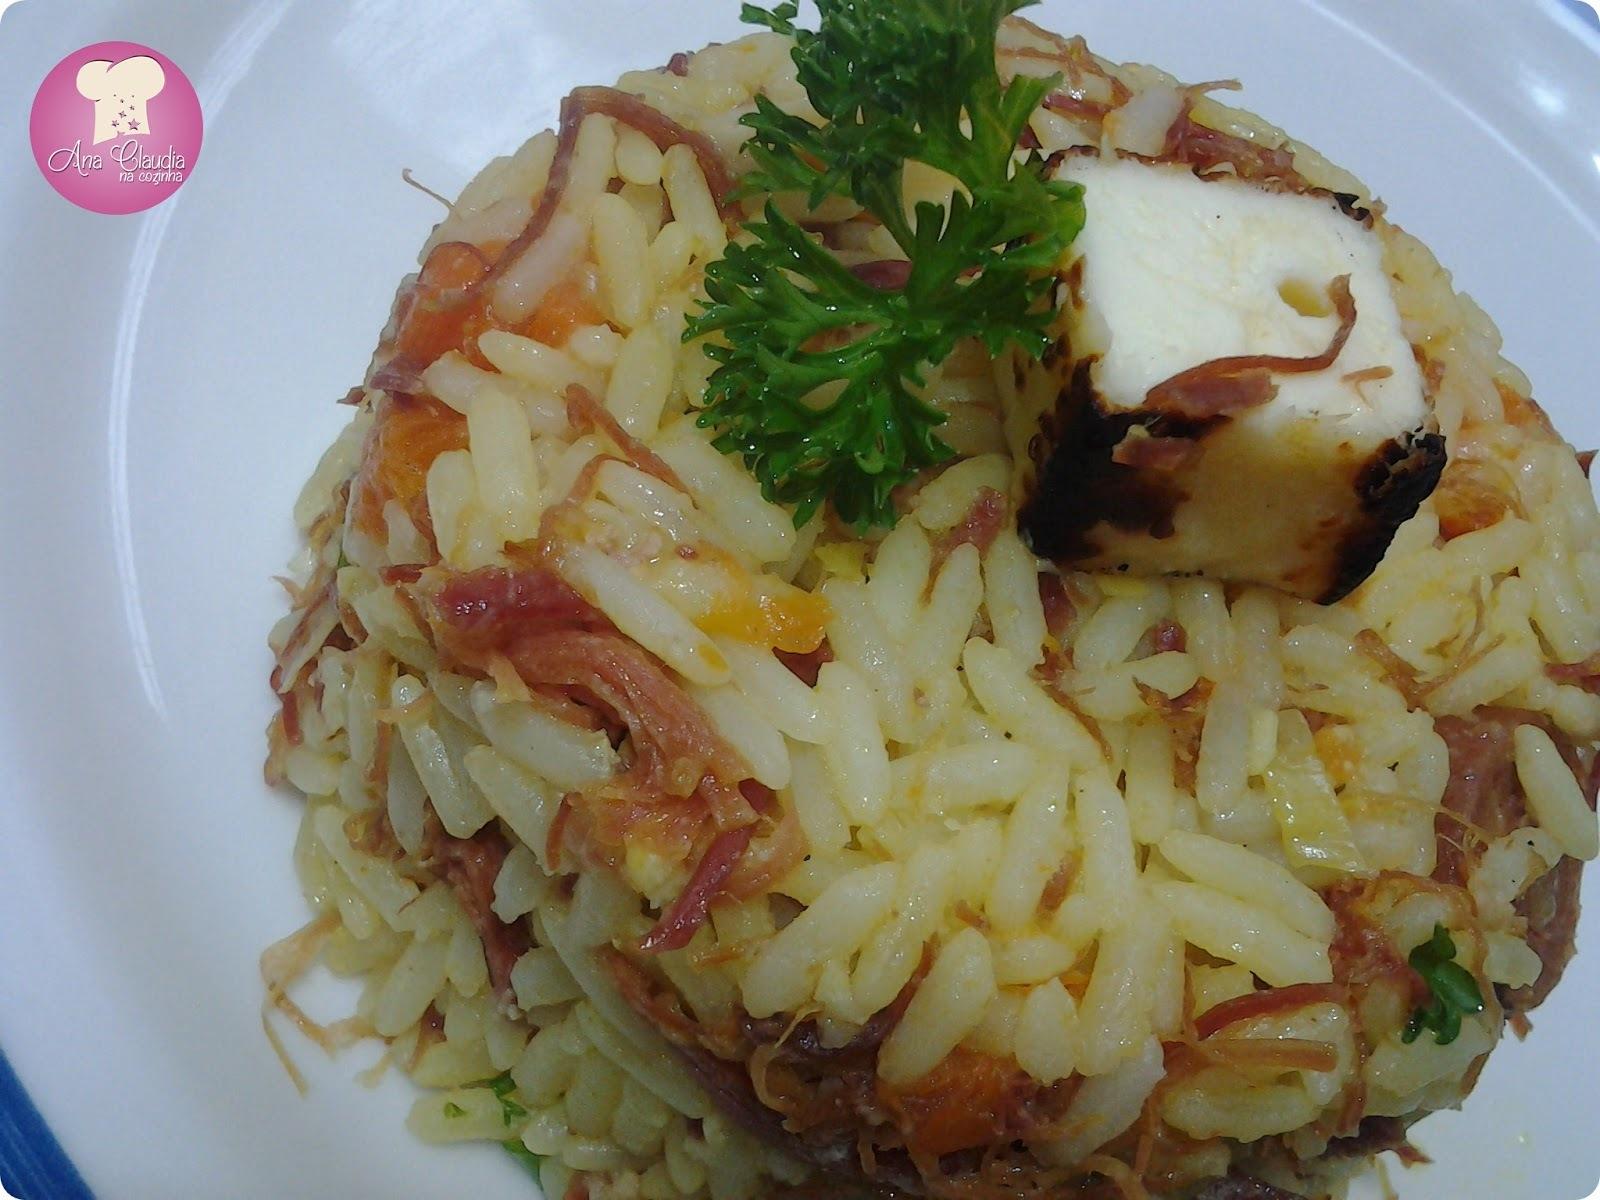 de feijão verde com calabresa carne seca queijo coalho